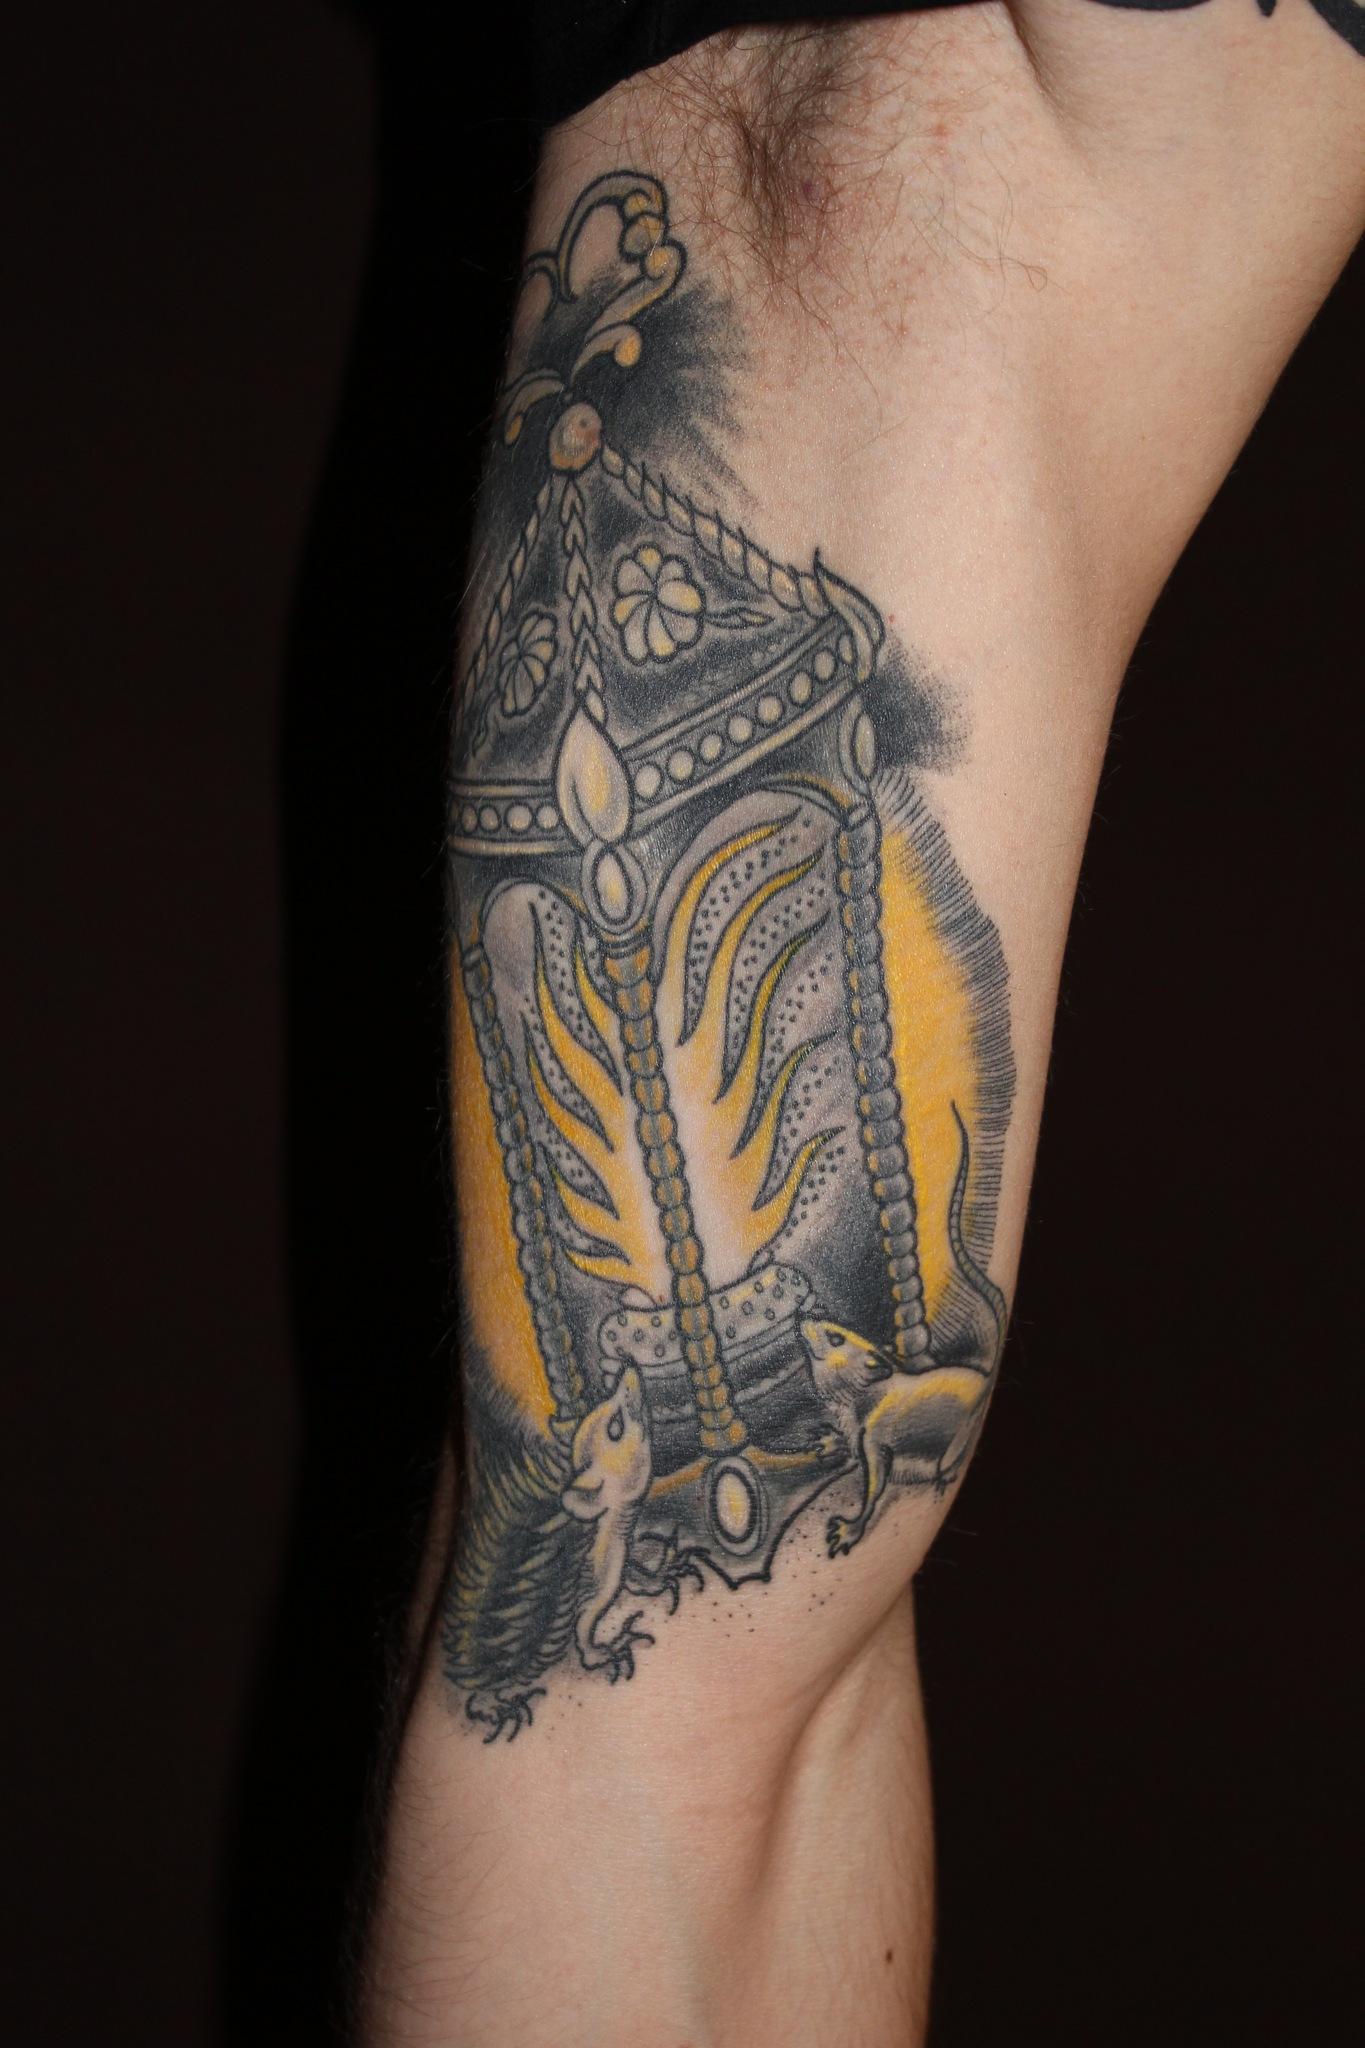 художественная татуировка, тату фонарь, тату мышь, тату еж, традиционная татуировка, индивидуальная (эксклюзивная татуировка), traditional tattoo, artist tattoo, tattoo mouse, tattoo hedgehog, exclusive tattoo